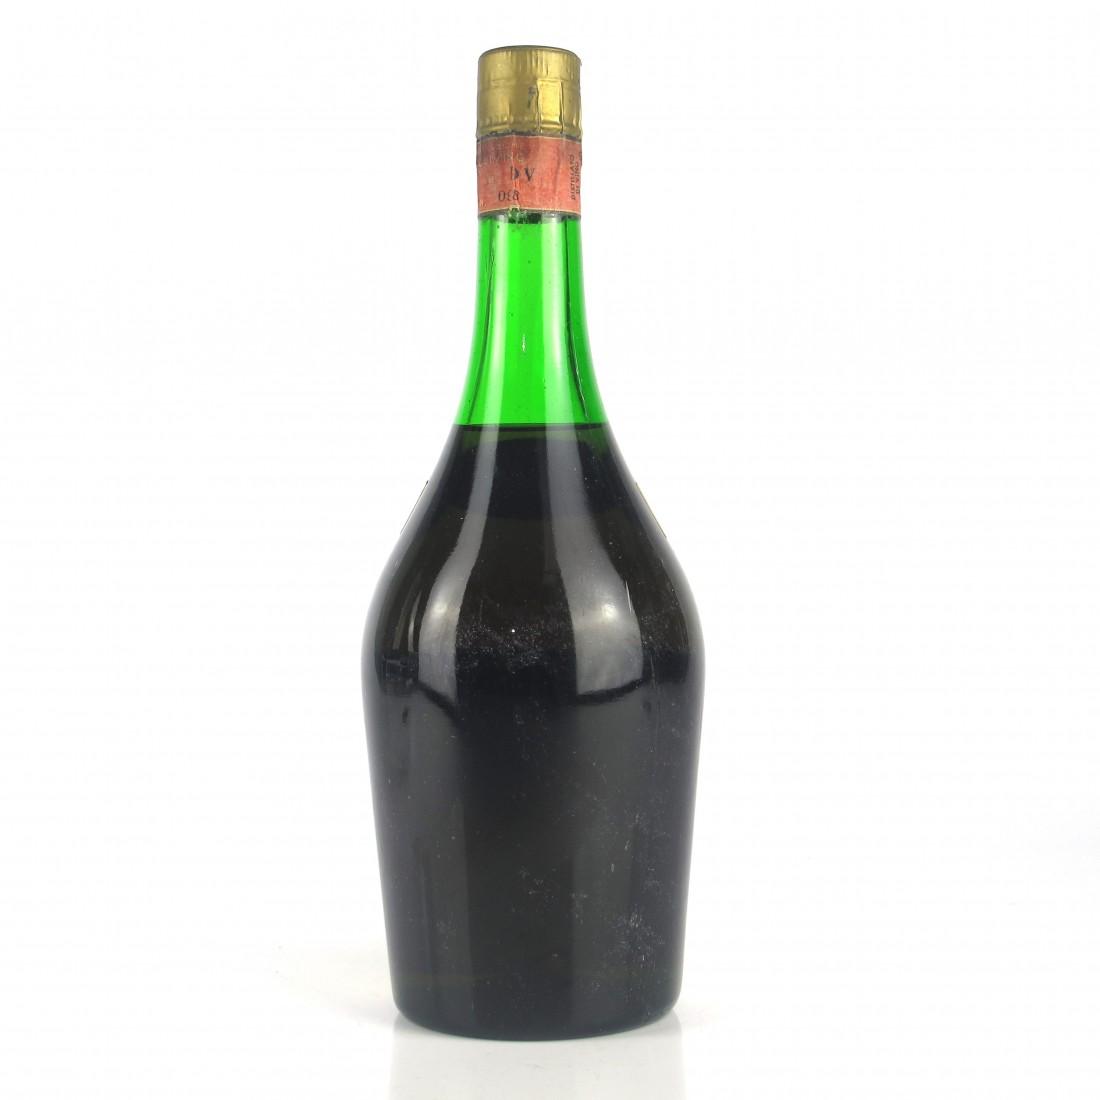 Roi d'Italie Napoleon Premier VSOP Brandy 1970s